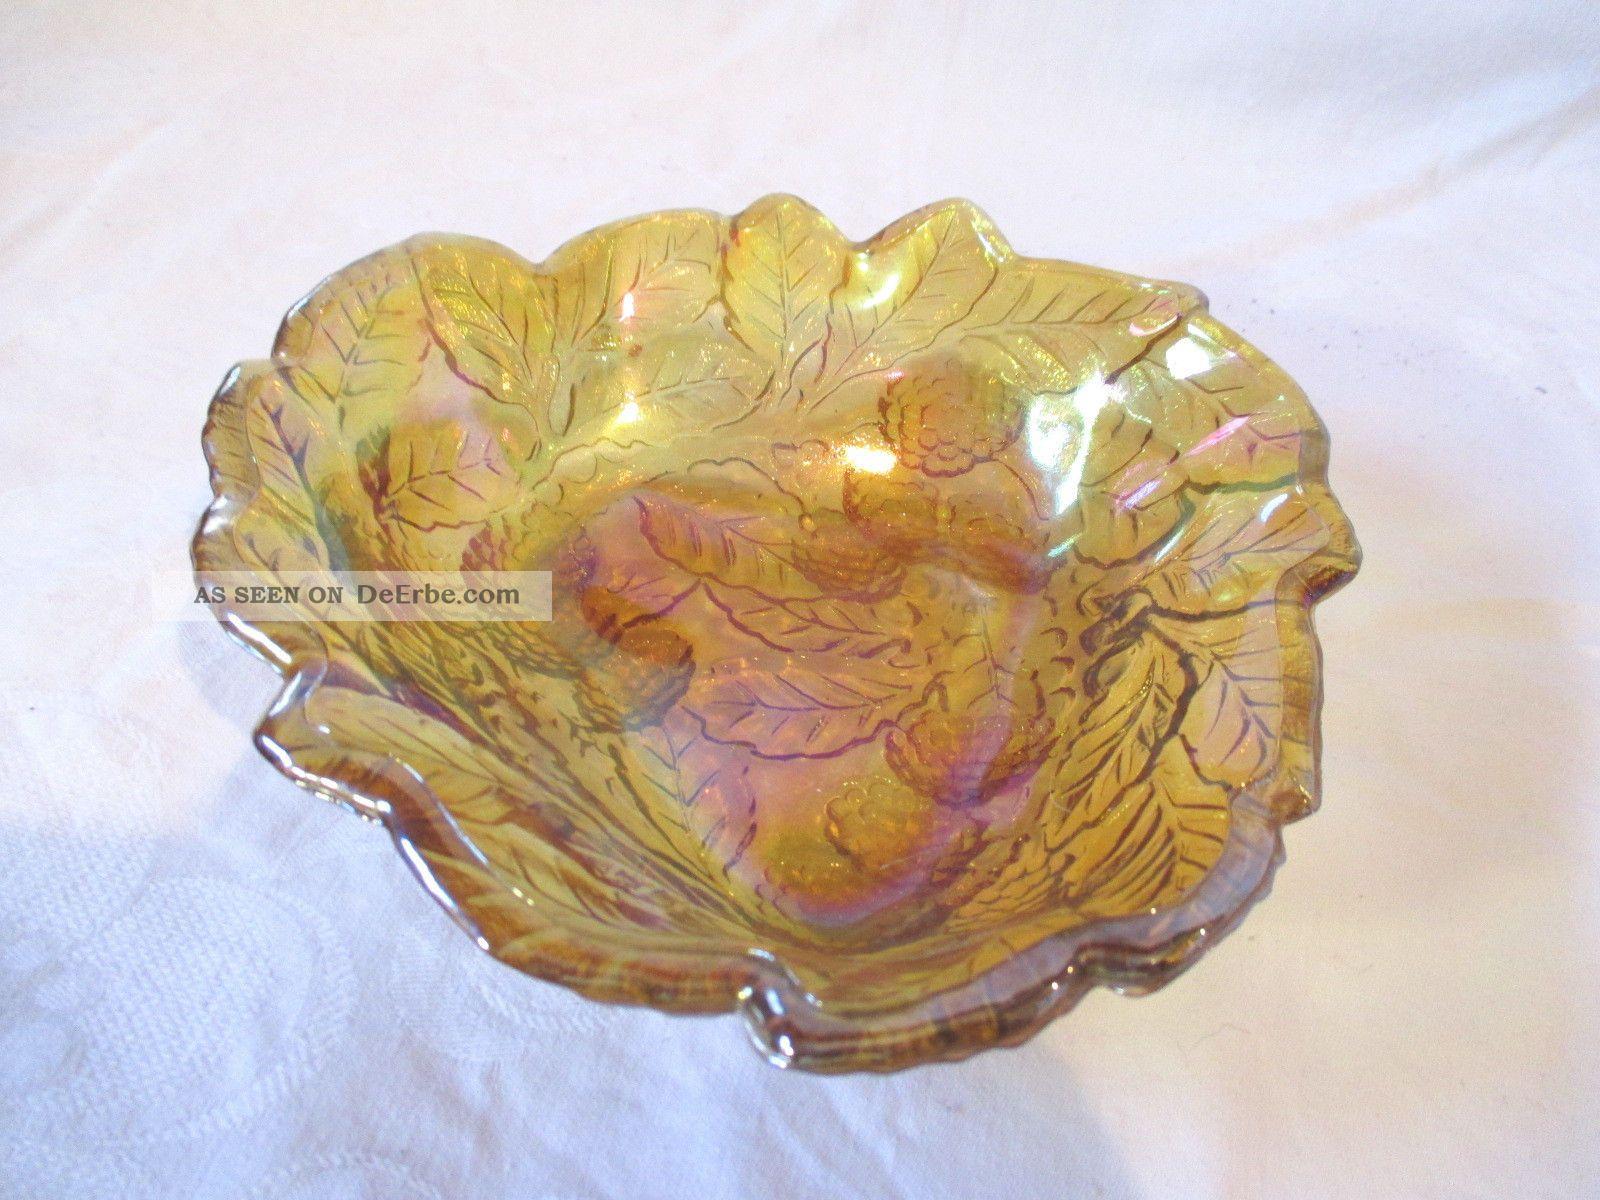 Wunderschöne Alte Zierschale Glasschale Schimmerndes Farbglas Mit Trauben Reben Sammlerglas Bild